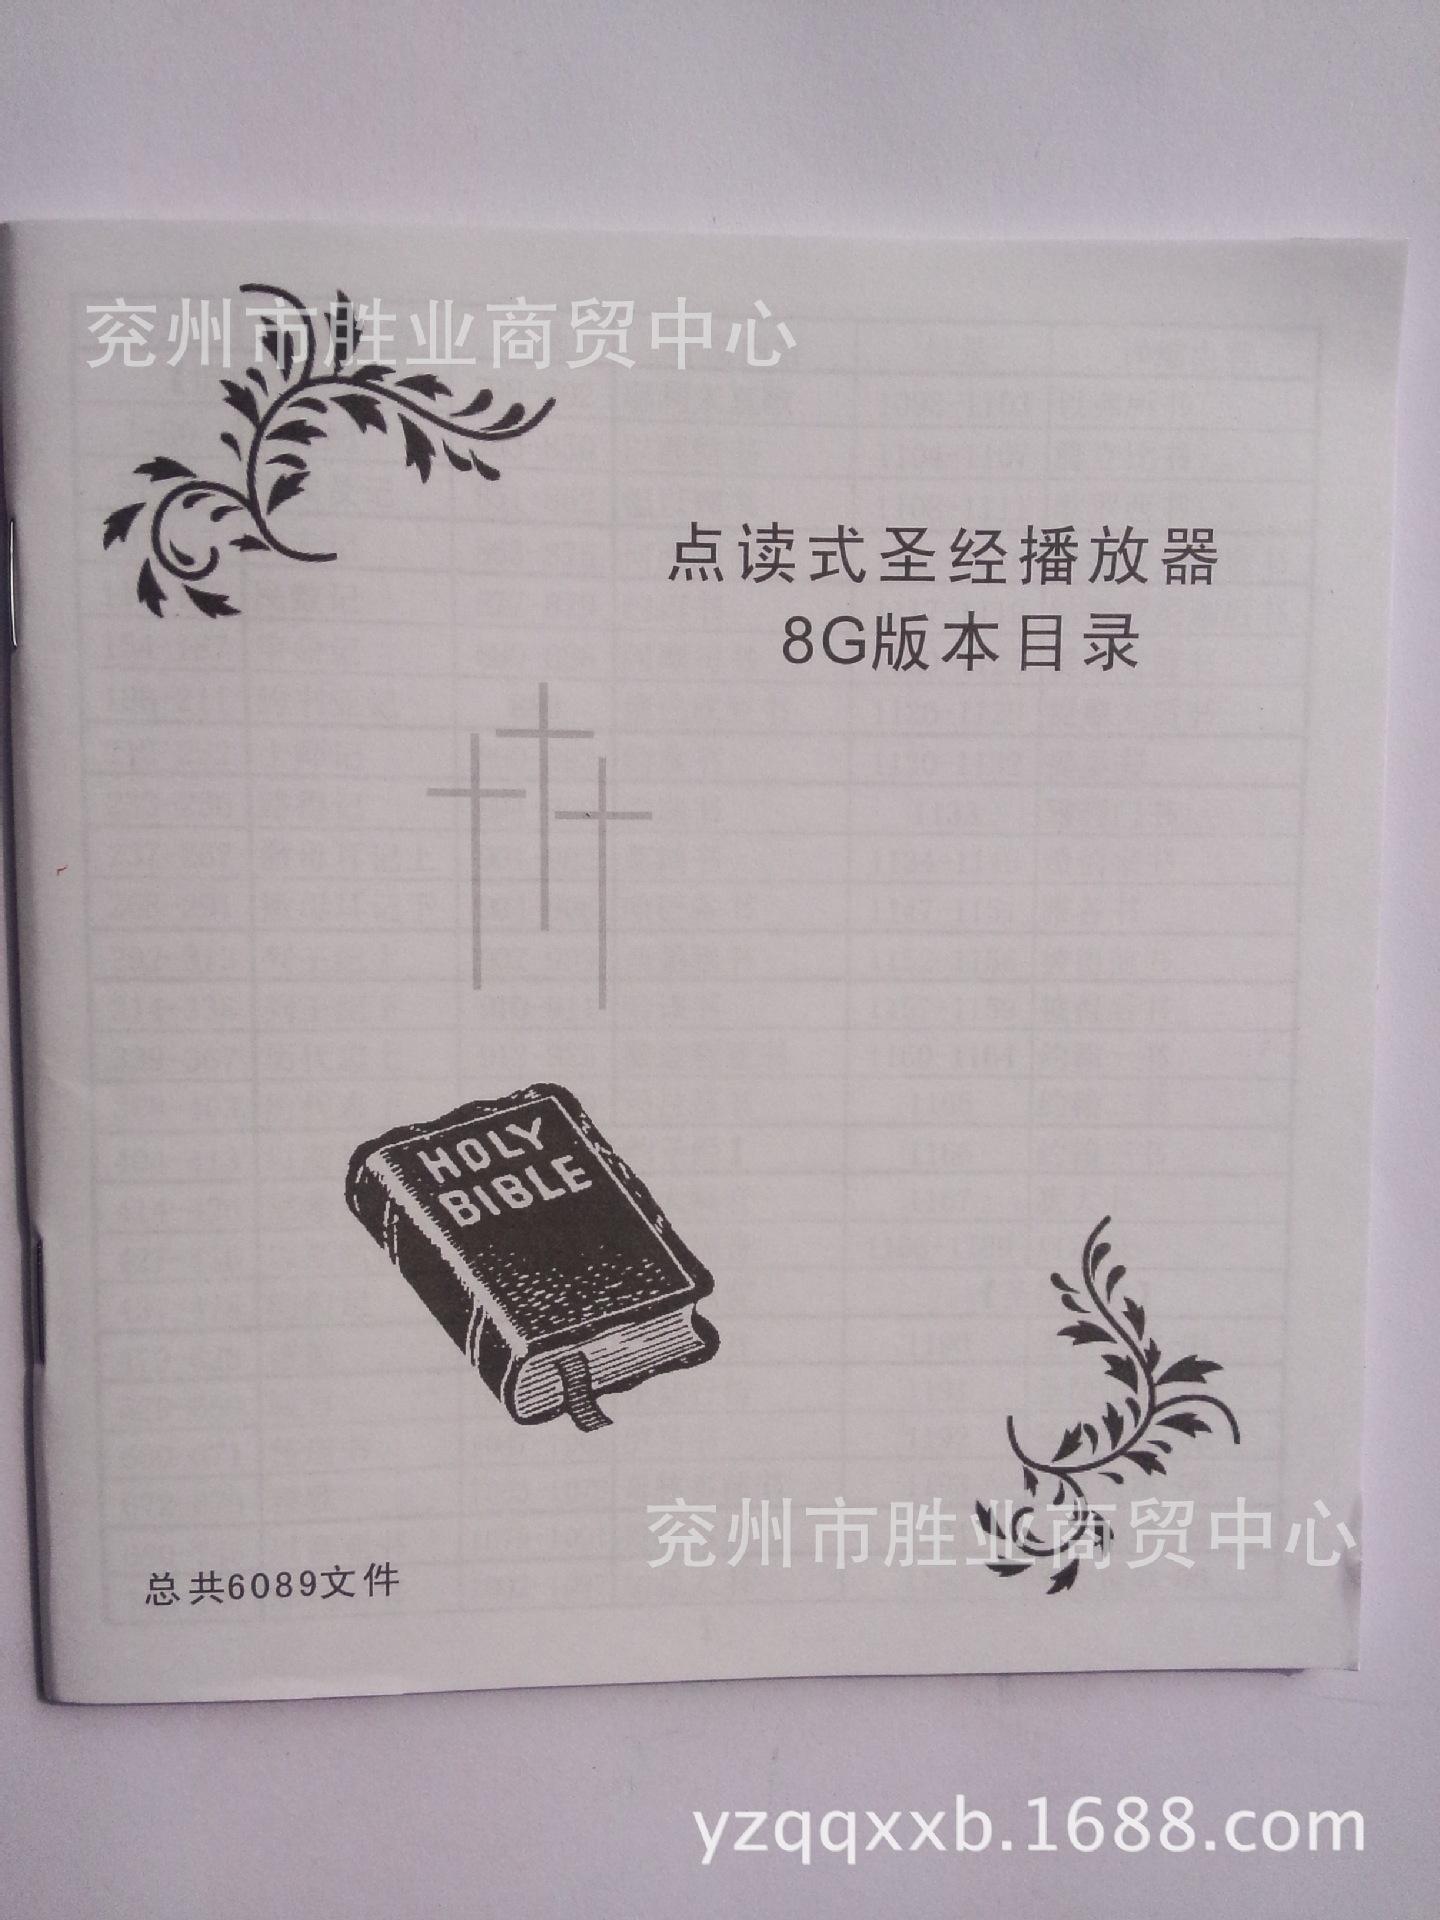 点读式圣经播放器 8G版本目录 6089文件 圣经本圣经卡